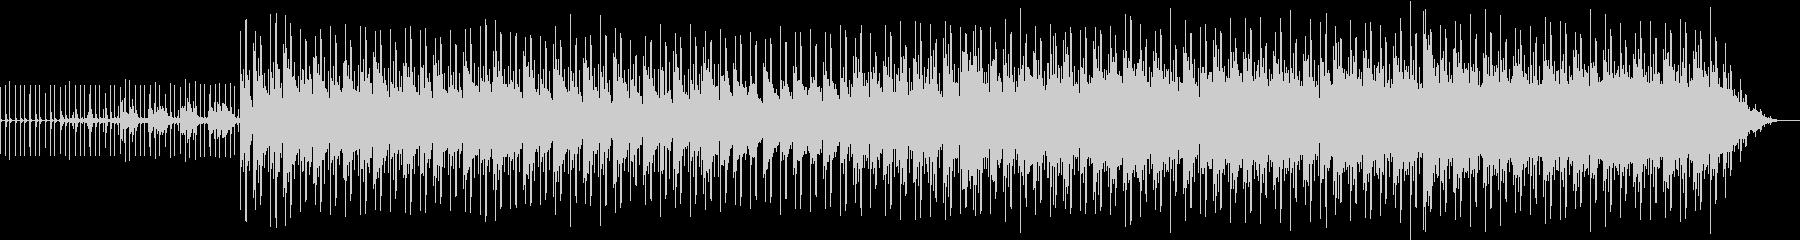 クールなネオソウルギターの未再生の波形